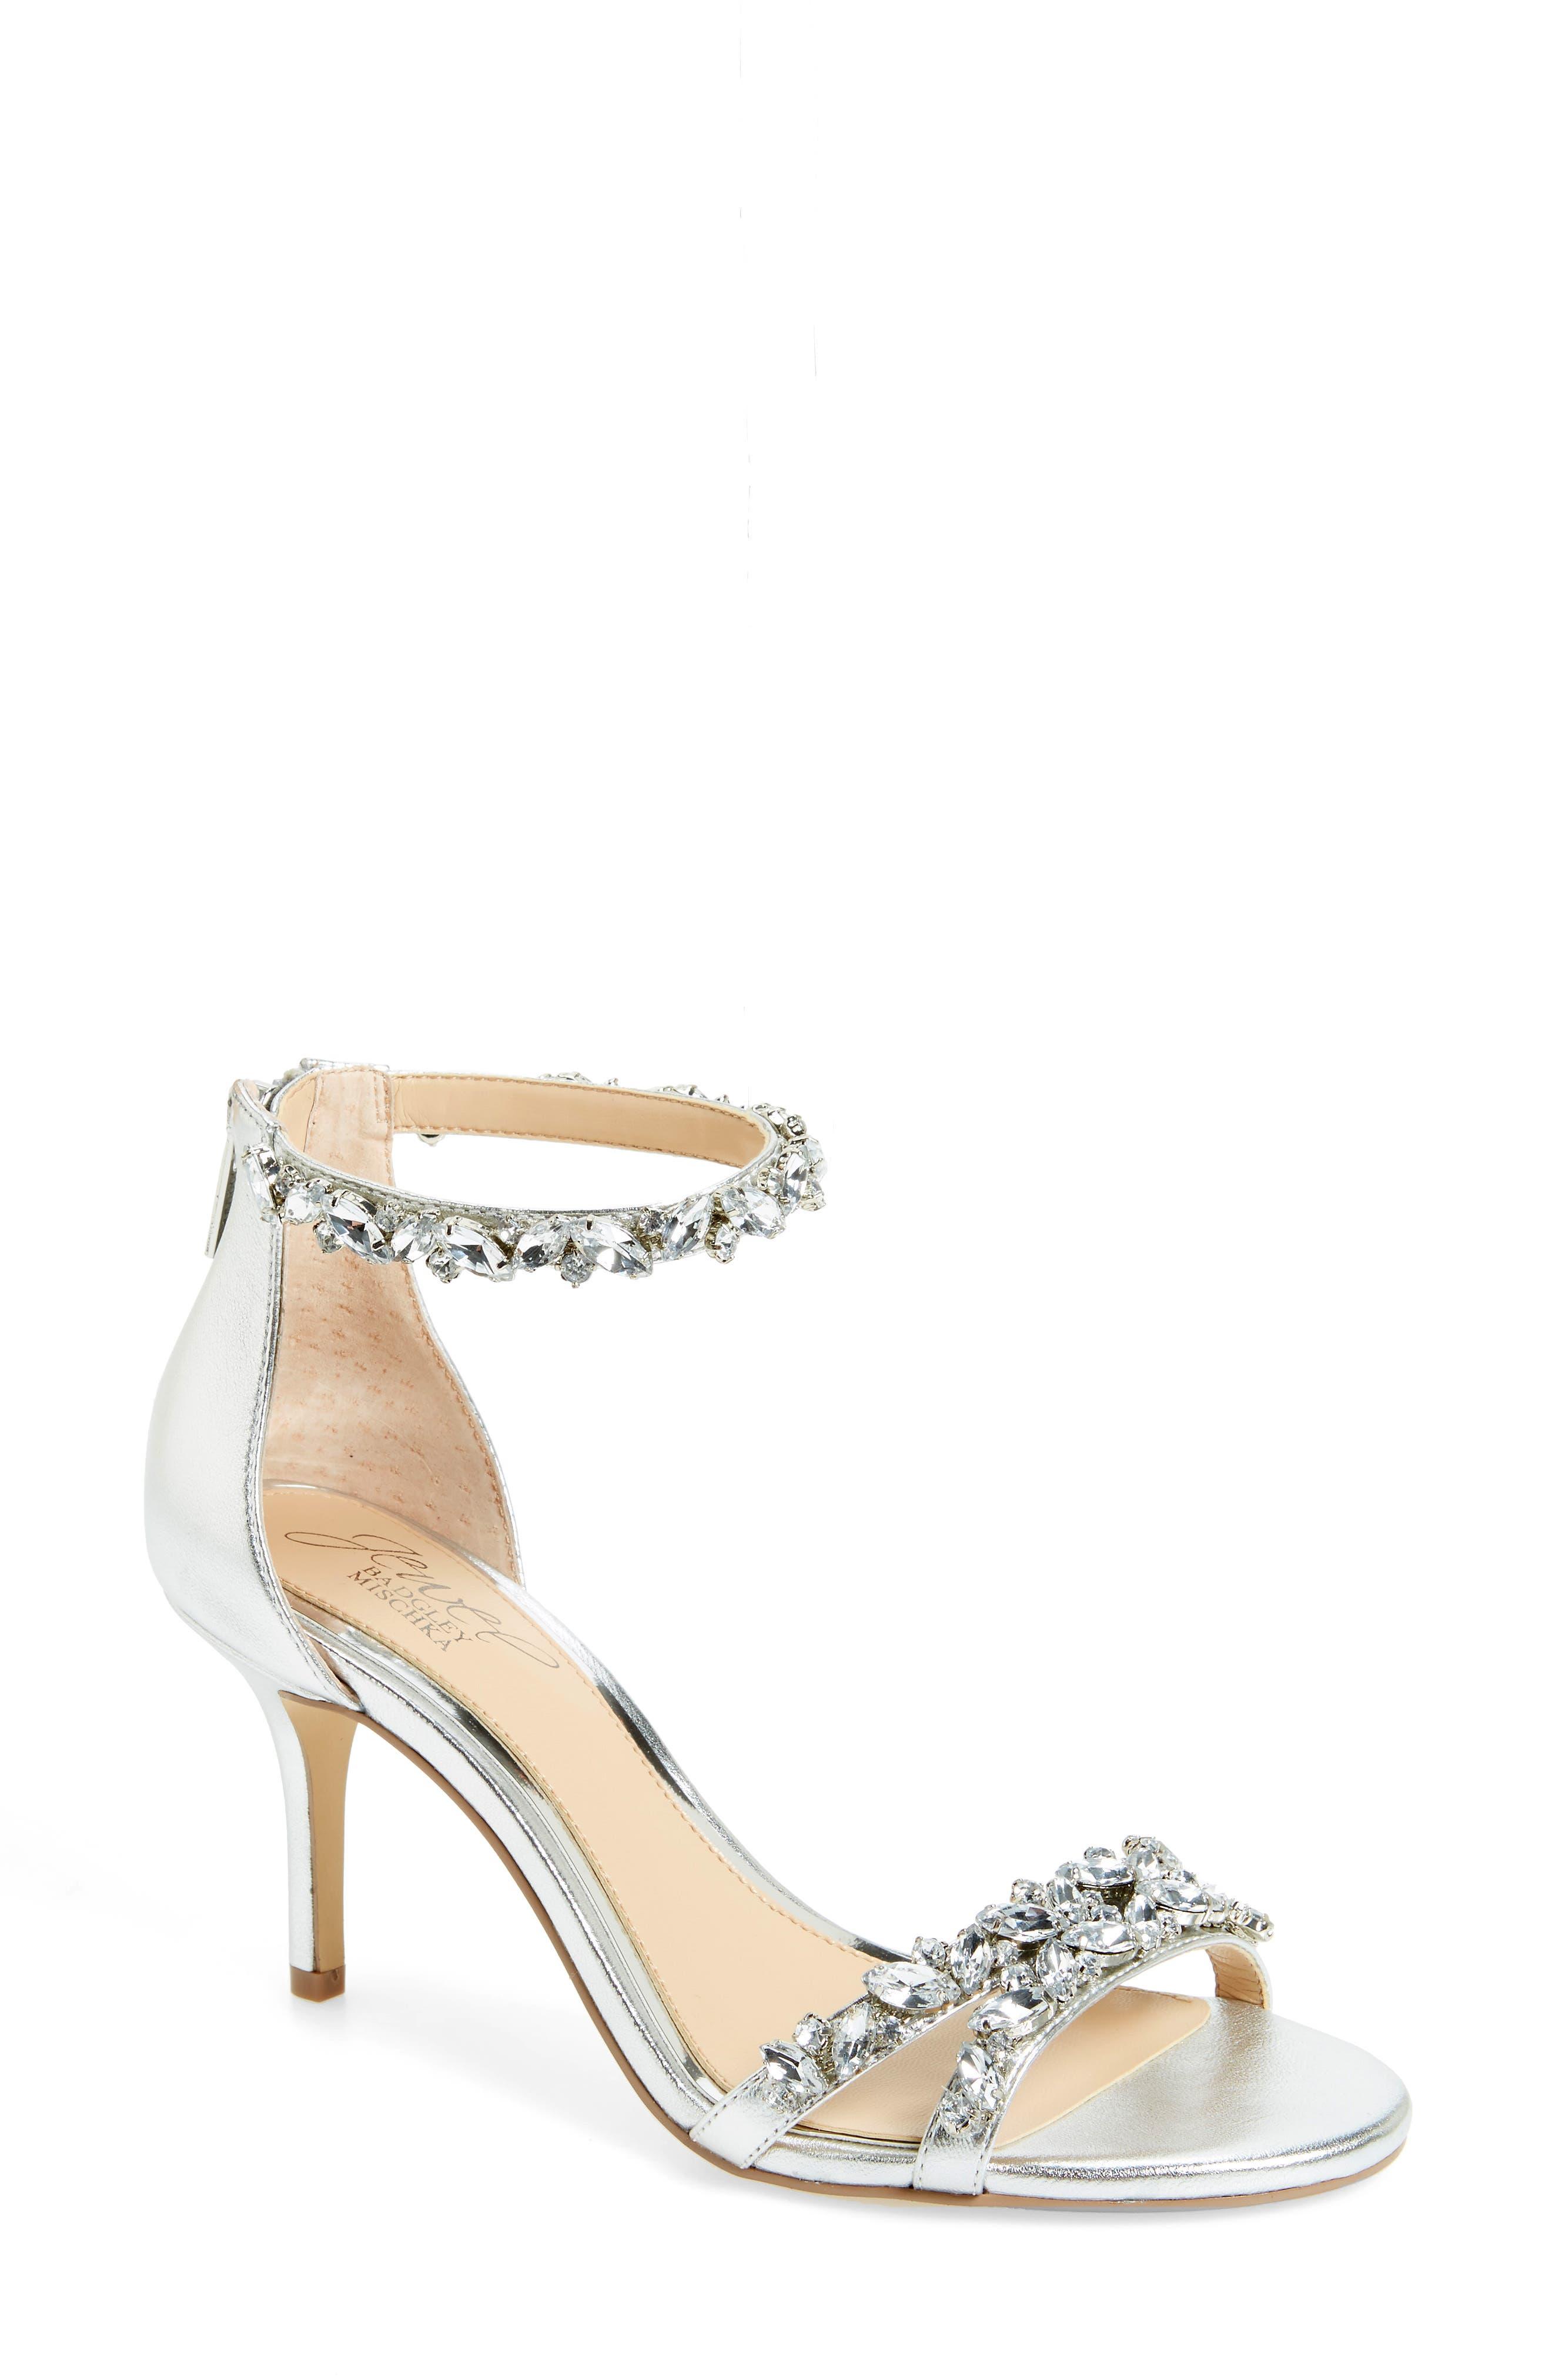 Caroline Embellished Sandal,                         Main,                         color, SILVER LEATHER